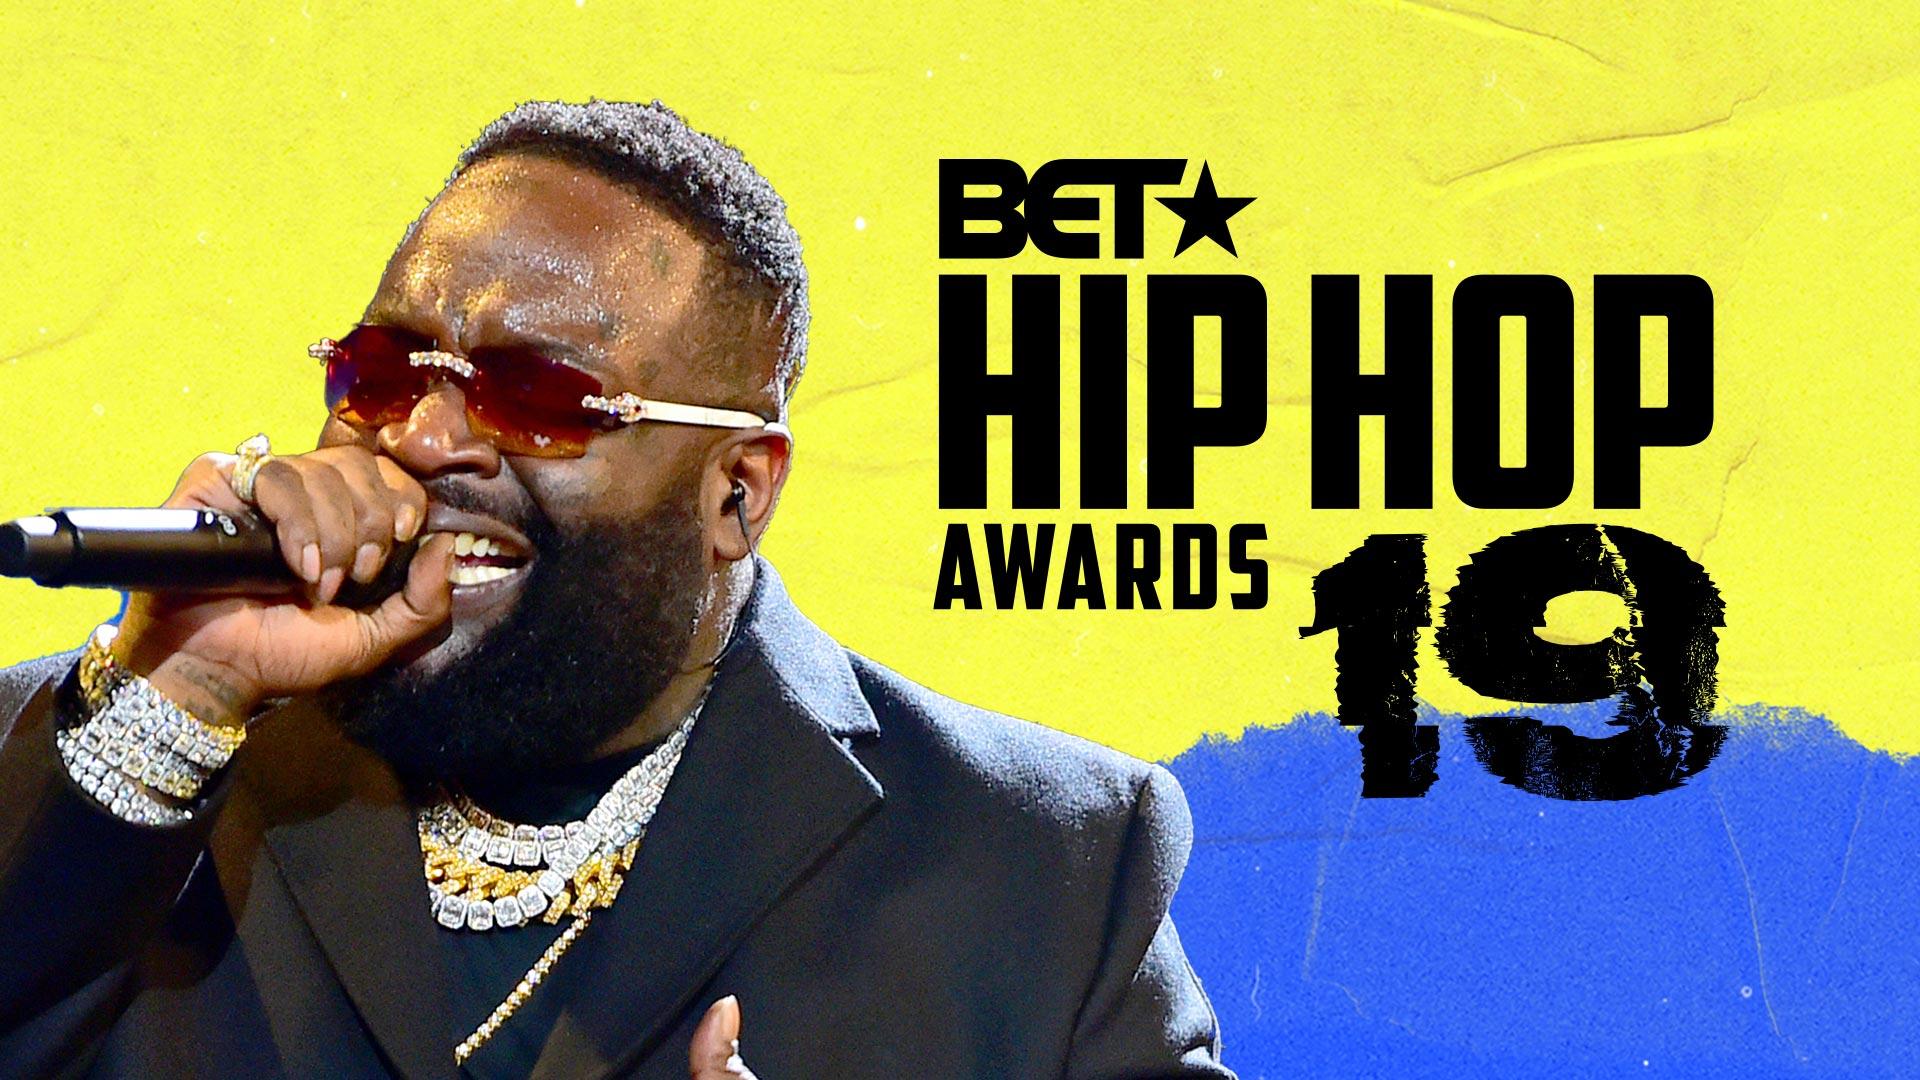 2019 Hip Hop Awards